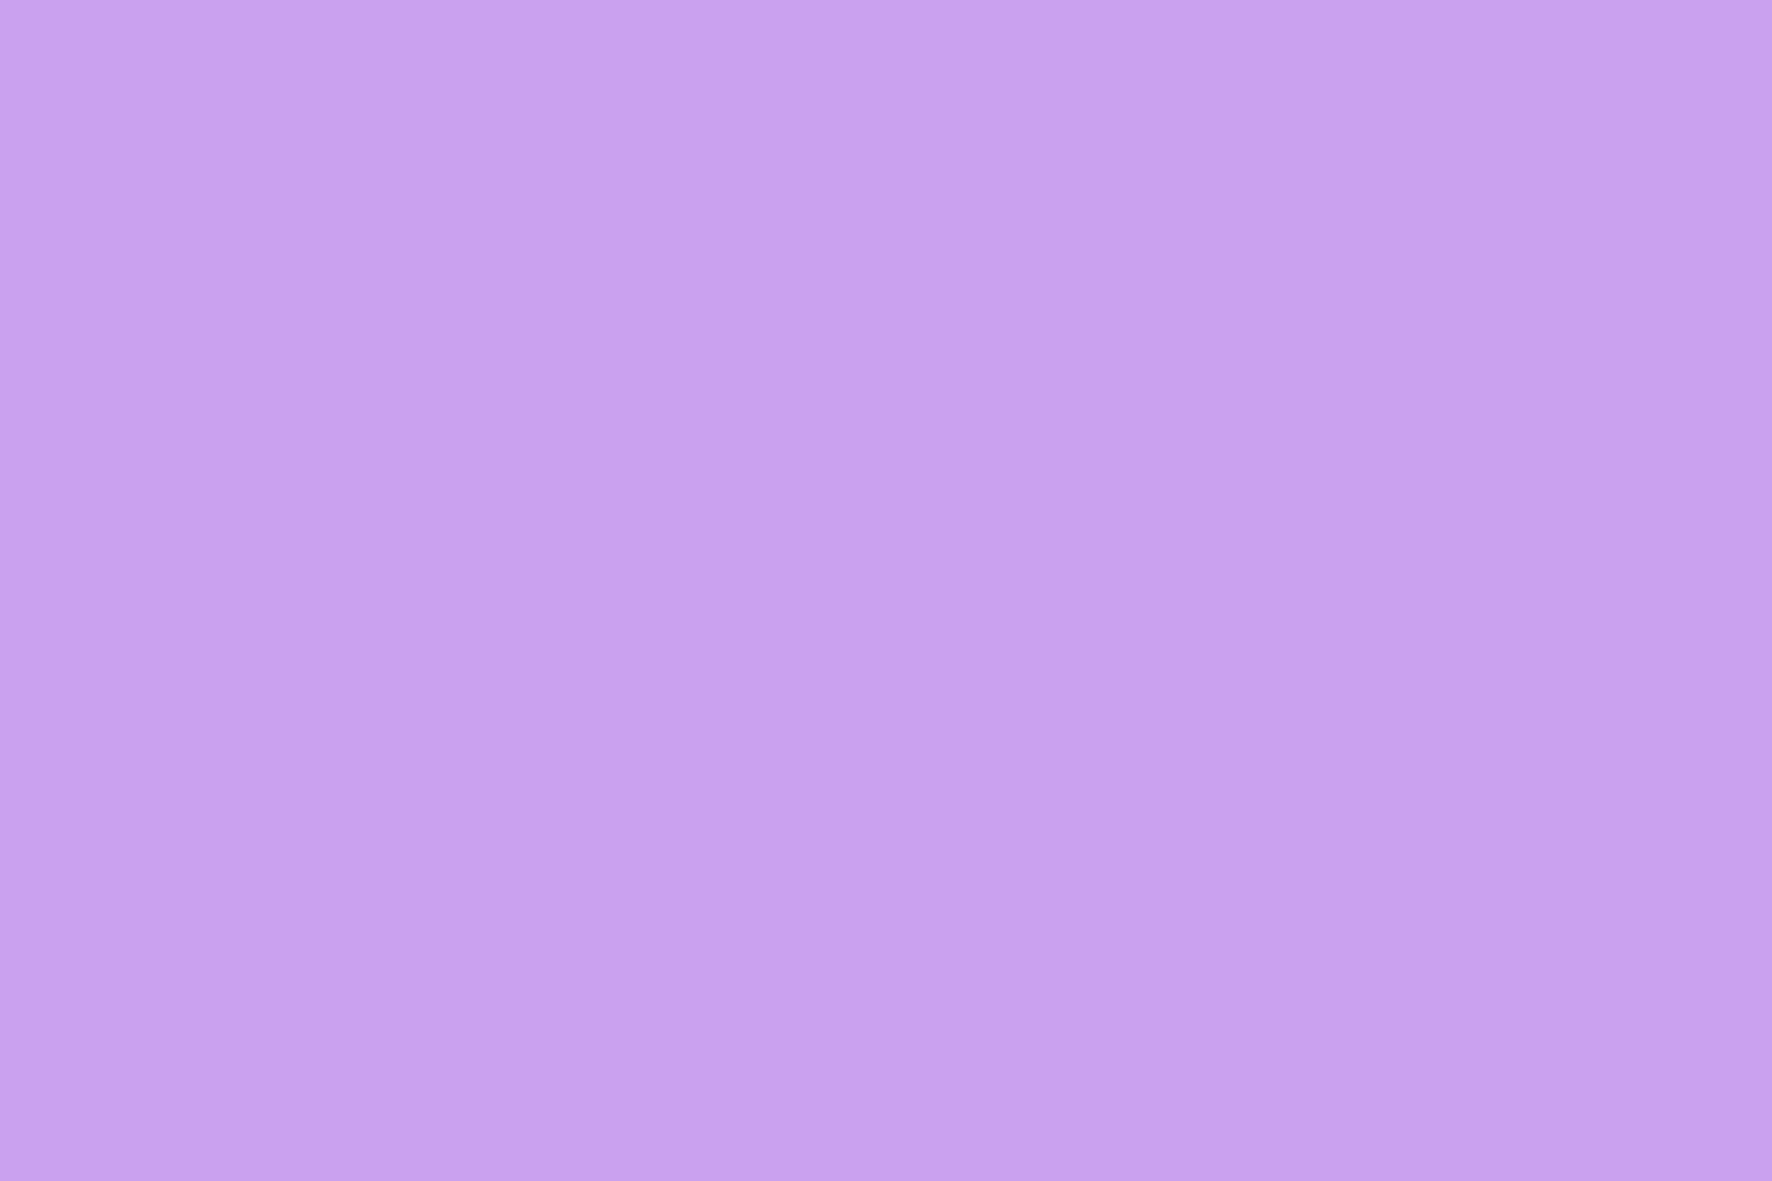 lilás.jpg